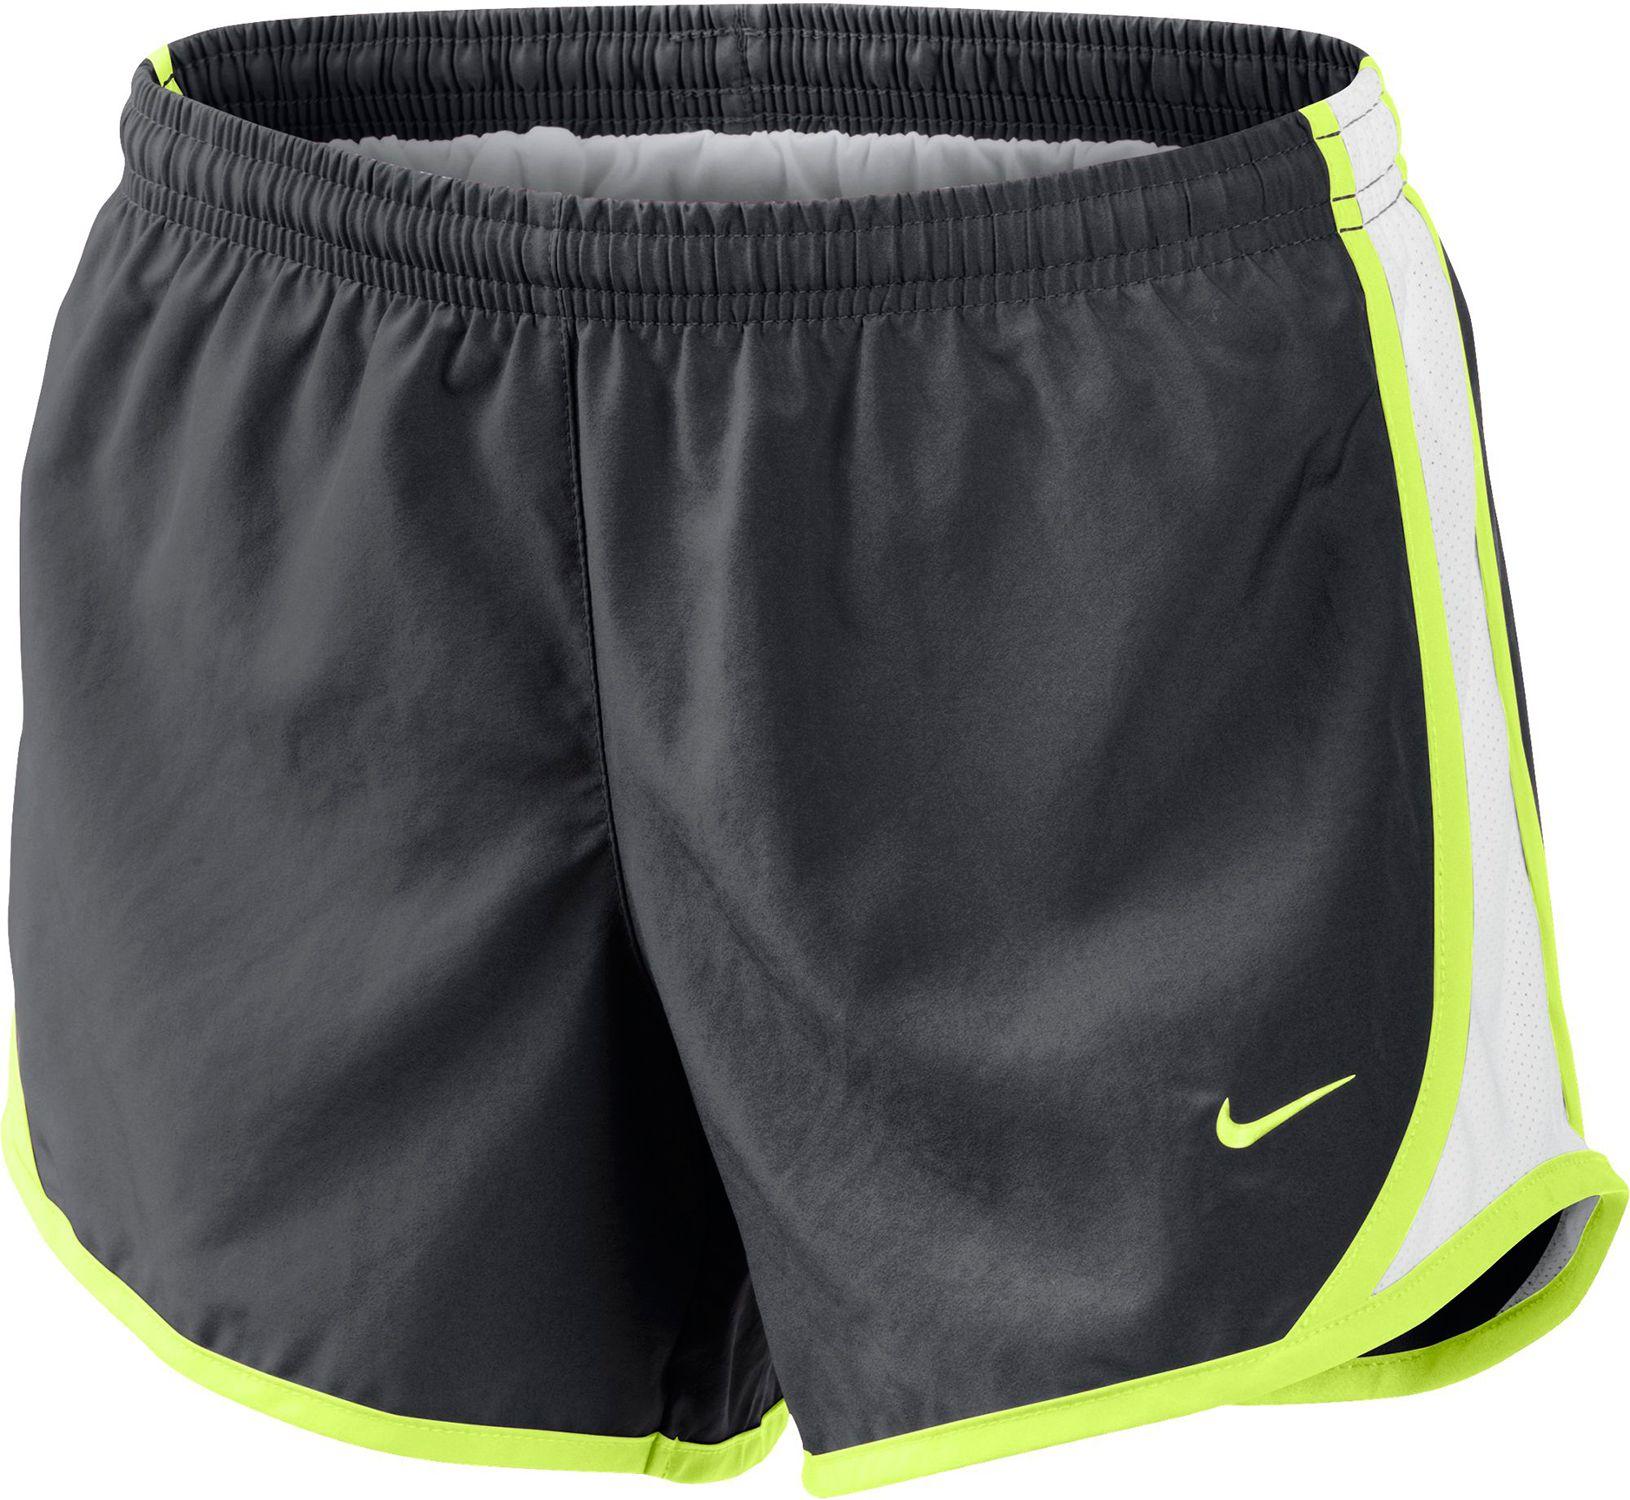 Maille Nike Athlétisme Féminin Short 5 Pouces Pour Les Filles Kr0Bv